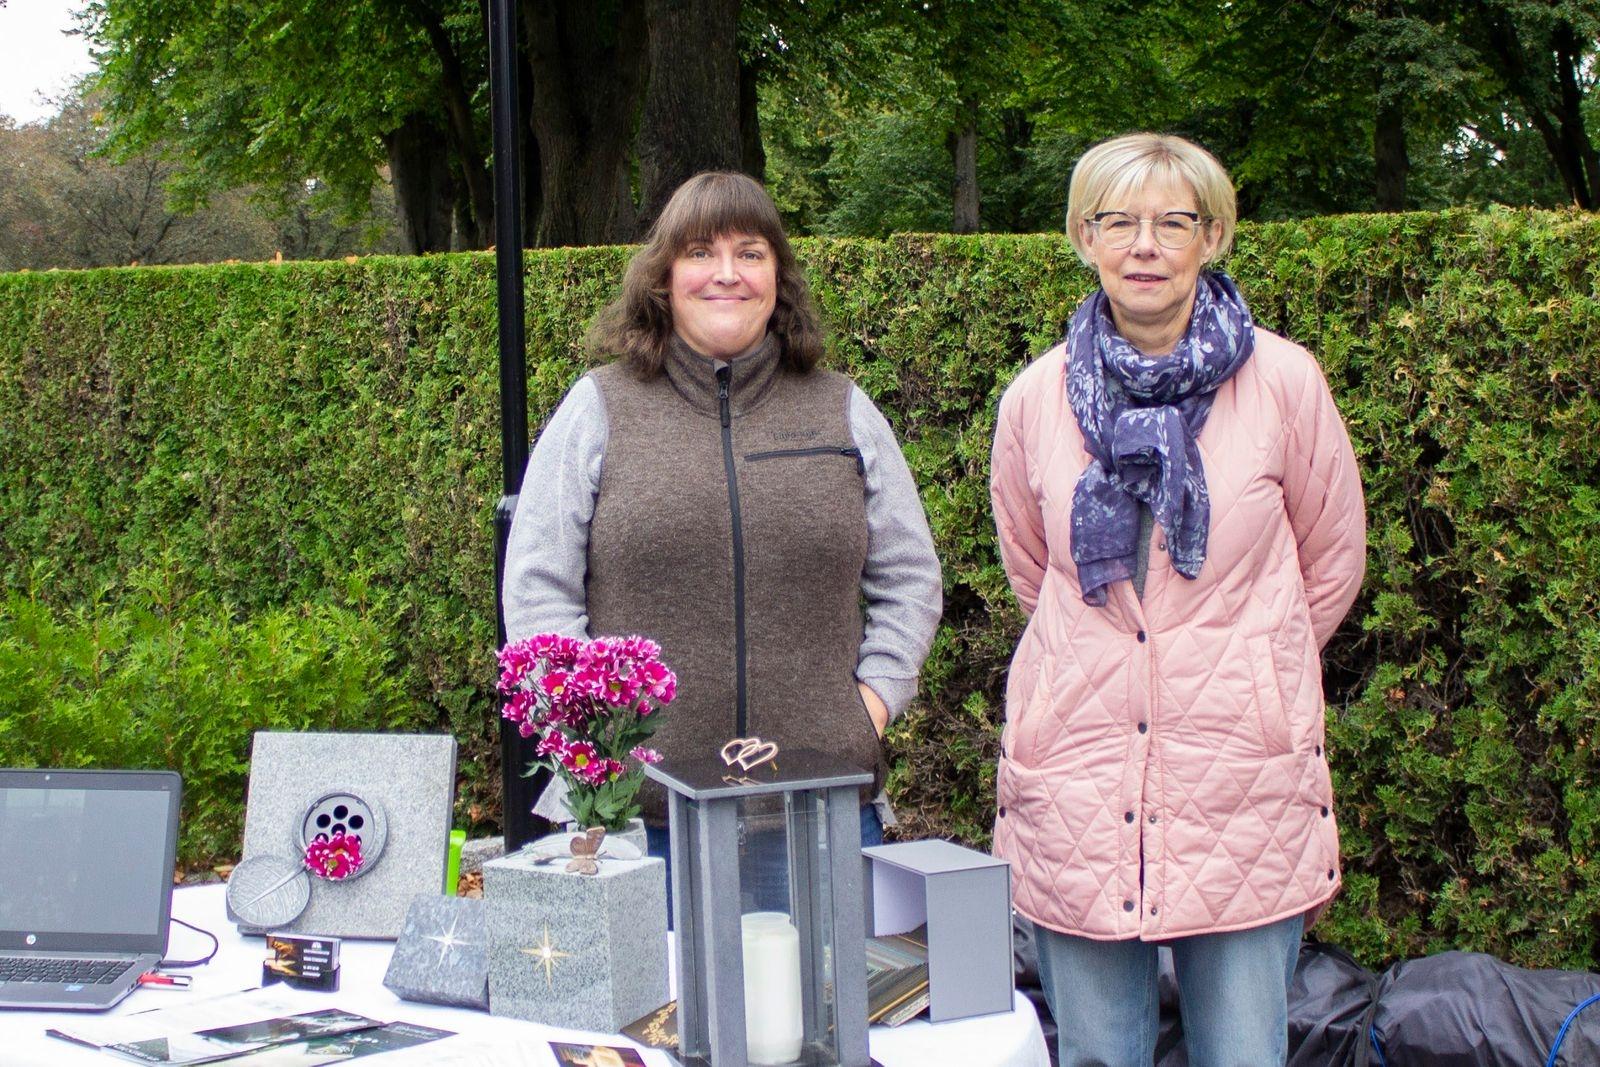 Hanna Stensdotter och Elisabeth Karlsson från Emmaboda Gravvårdsindustri visade upp gravstenar och pratade med branschkollegor. – Det har varit kul att få ett ansikte på de man annars bara pratat med via mail.